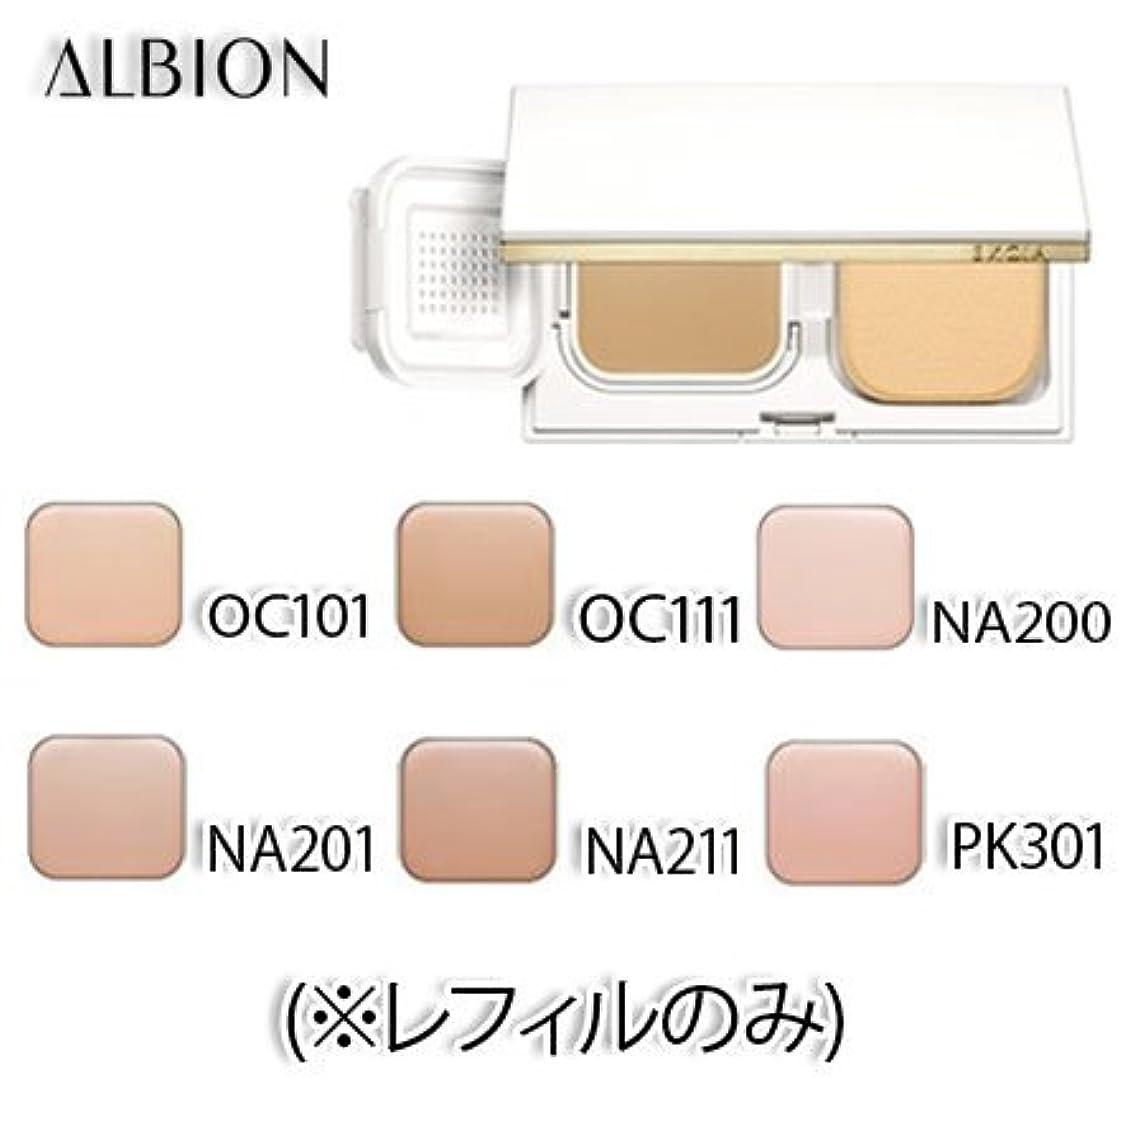 落胆するむしろ誠実アルビオン エクシア AL リフティング エマルジョン ホワイト 6色 SPF47 PA++++ (レフィルのみ) -ALBION- PK301